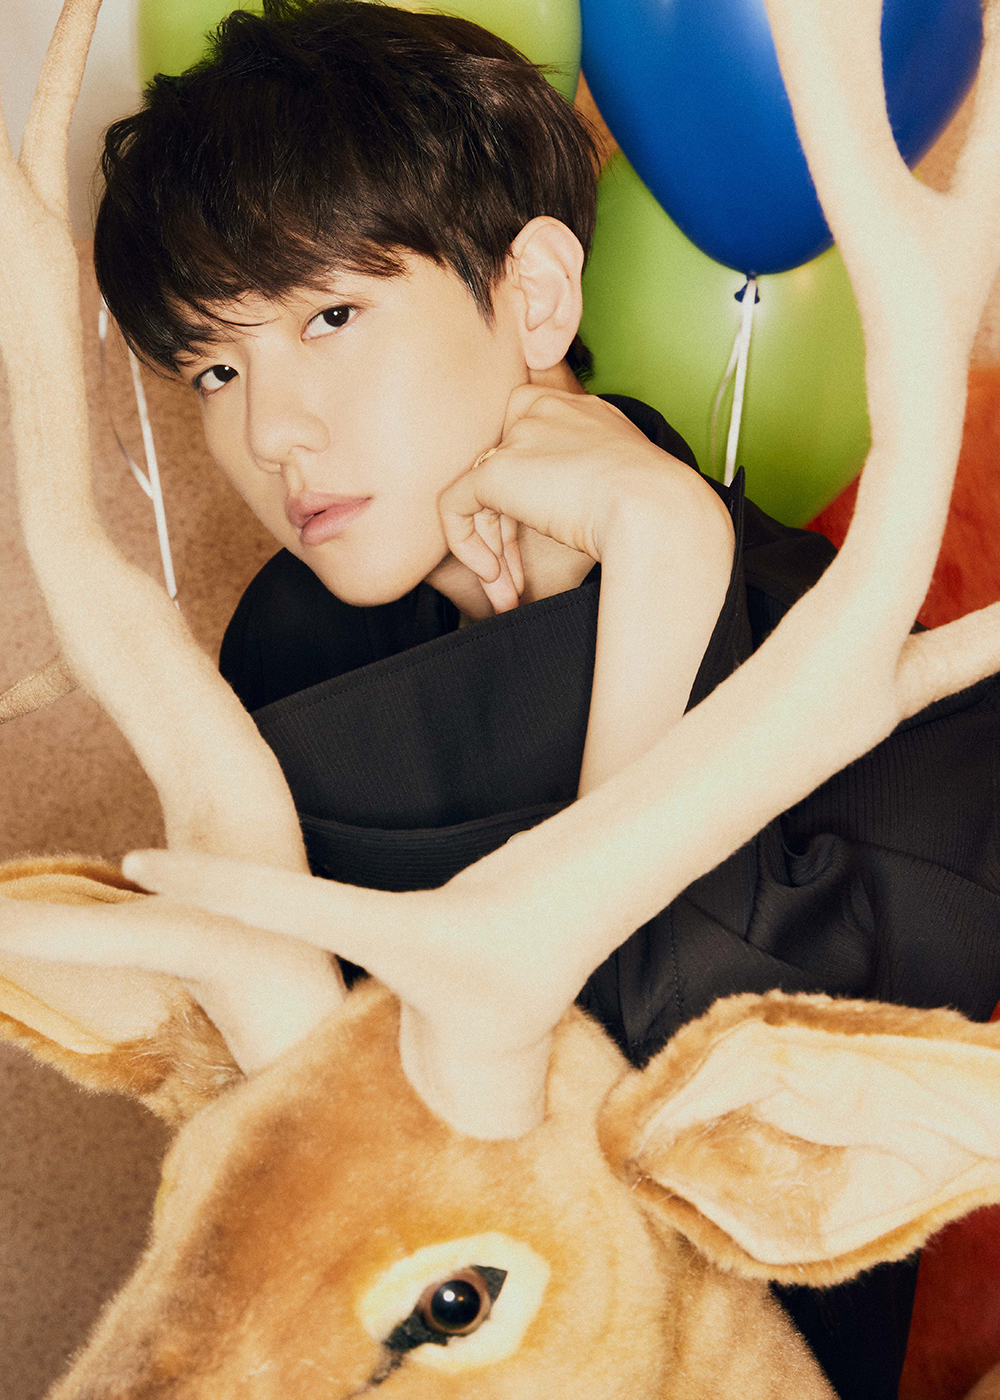 백현 세 번째 미니앨범 Bambi 이미지 2.jpg